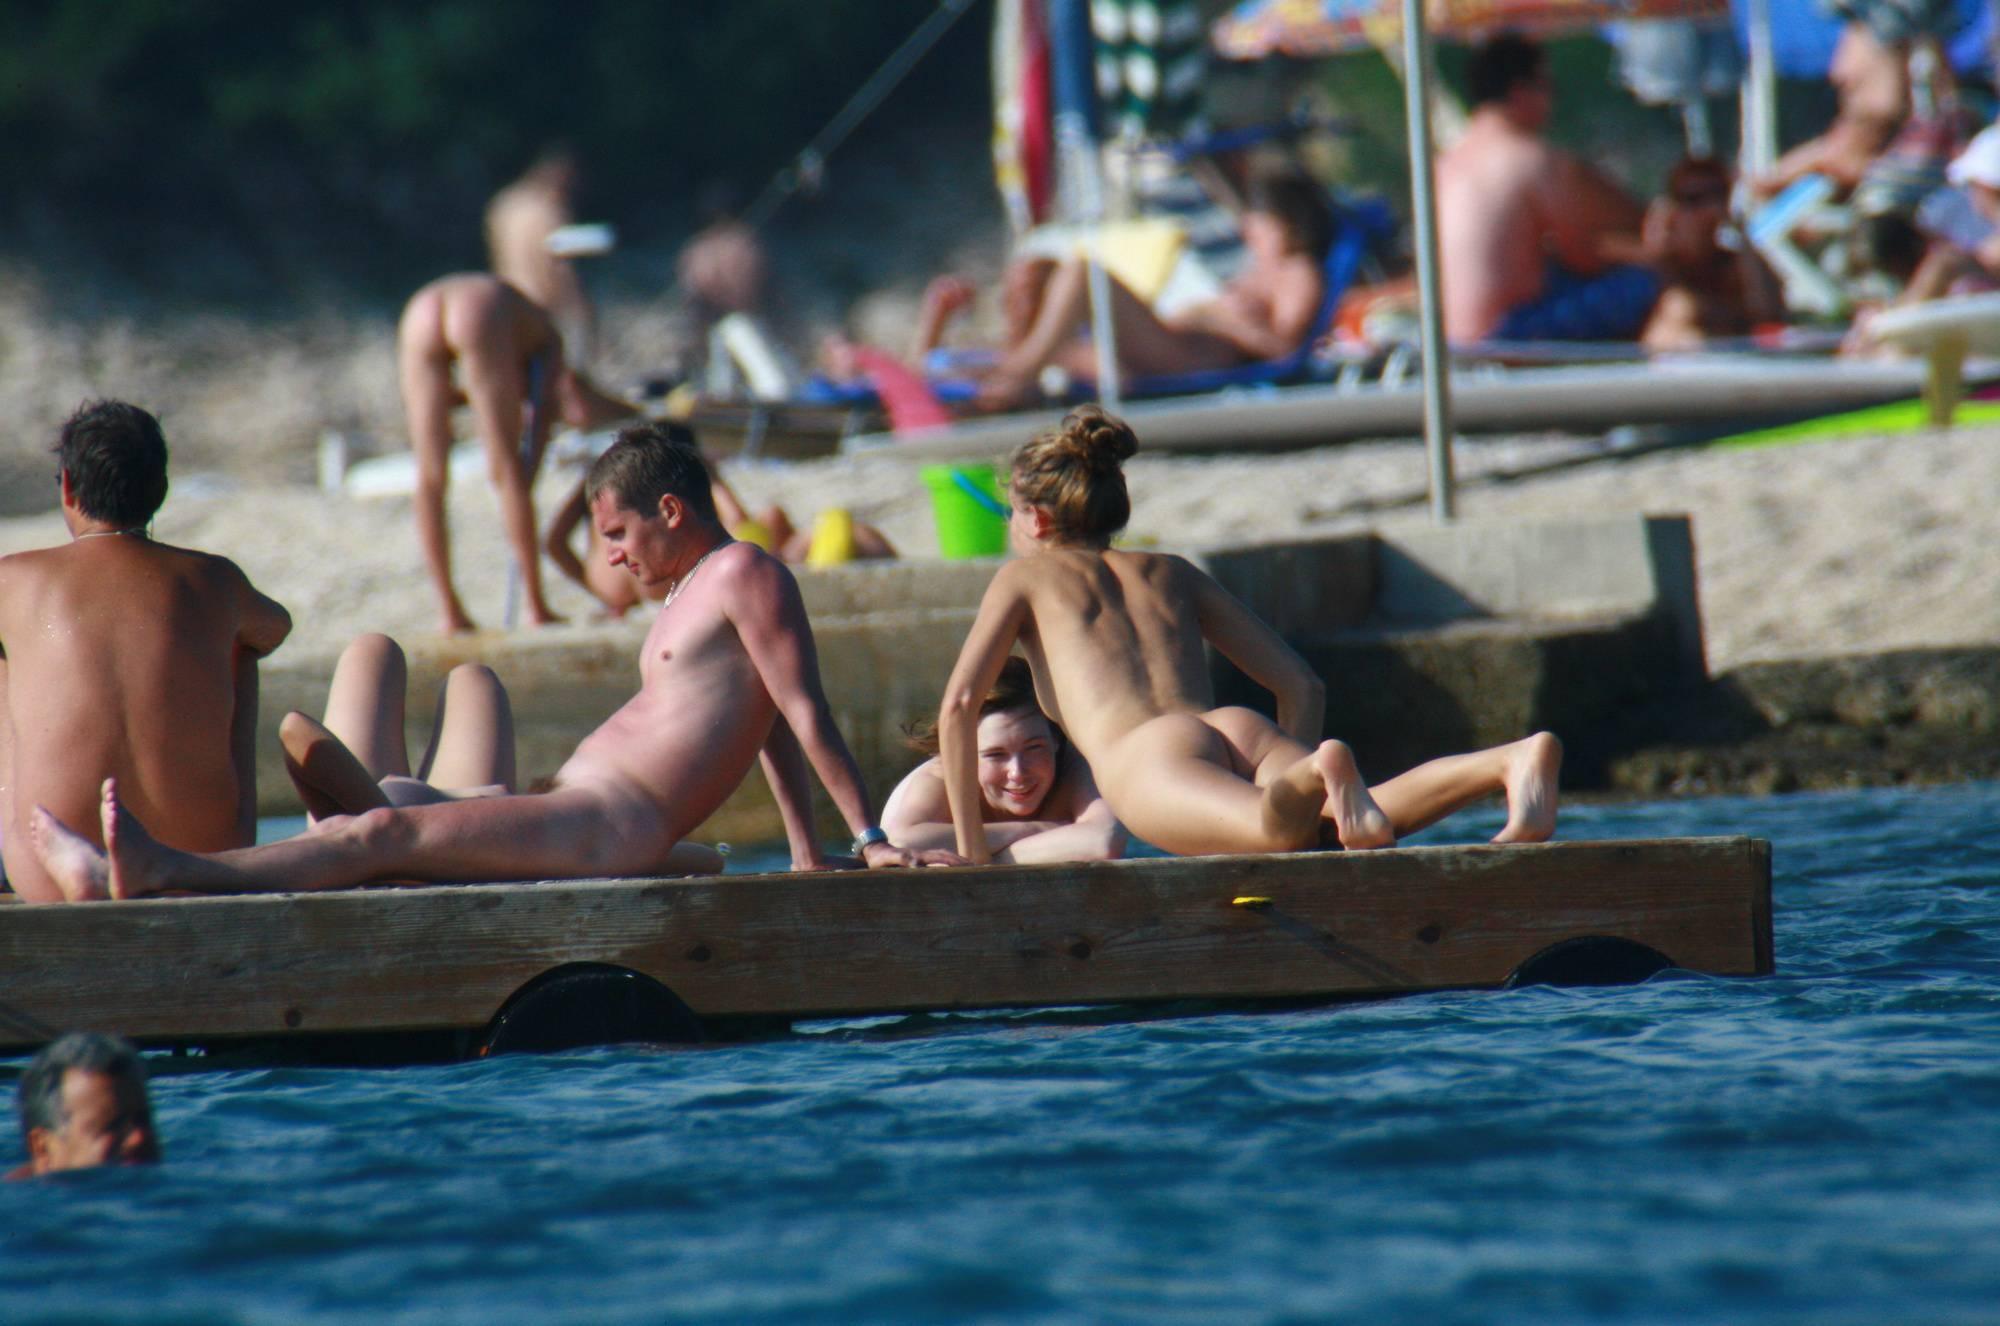 Nudist Slab Group Tanning - 2